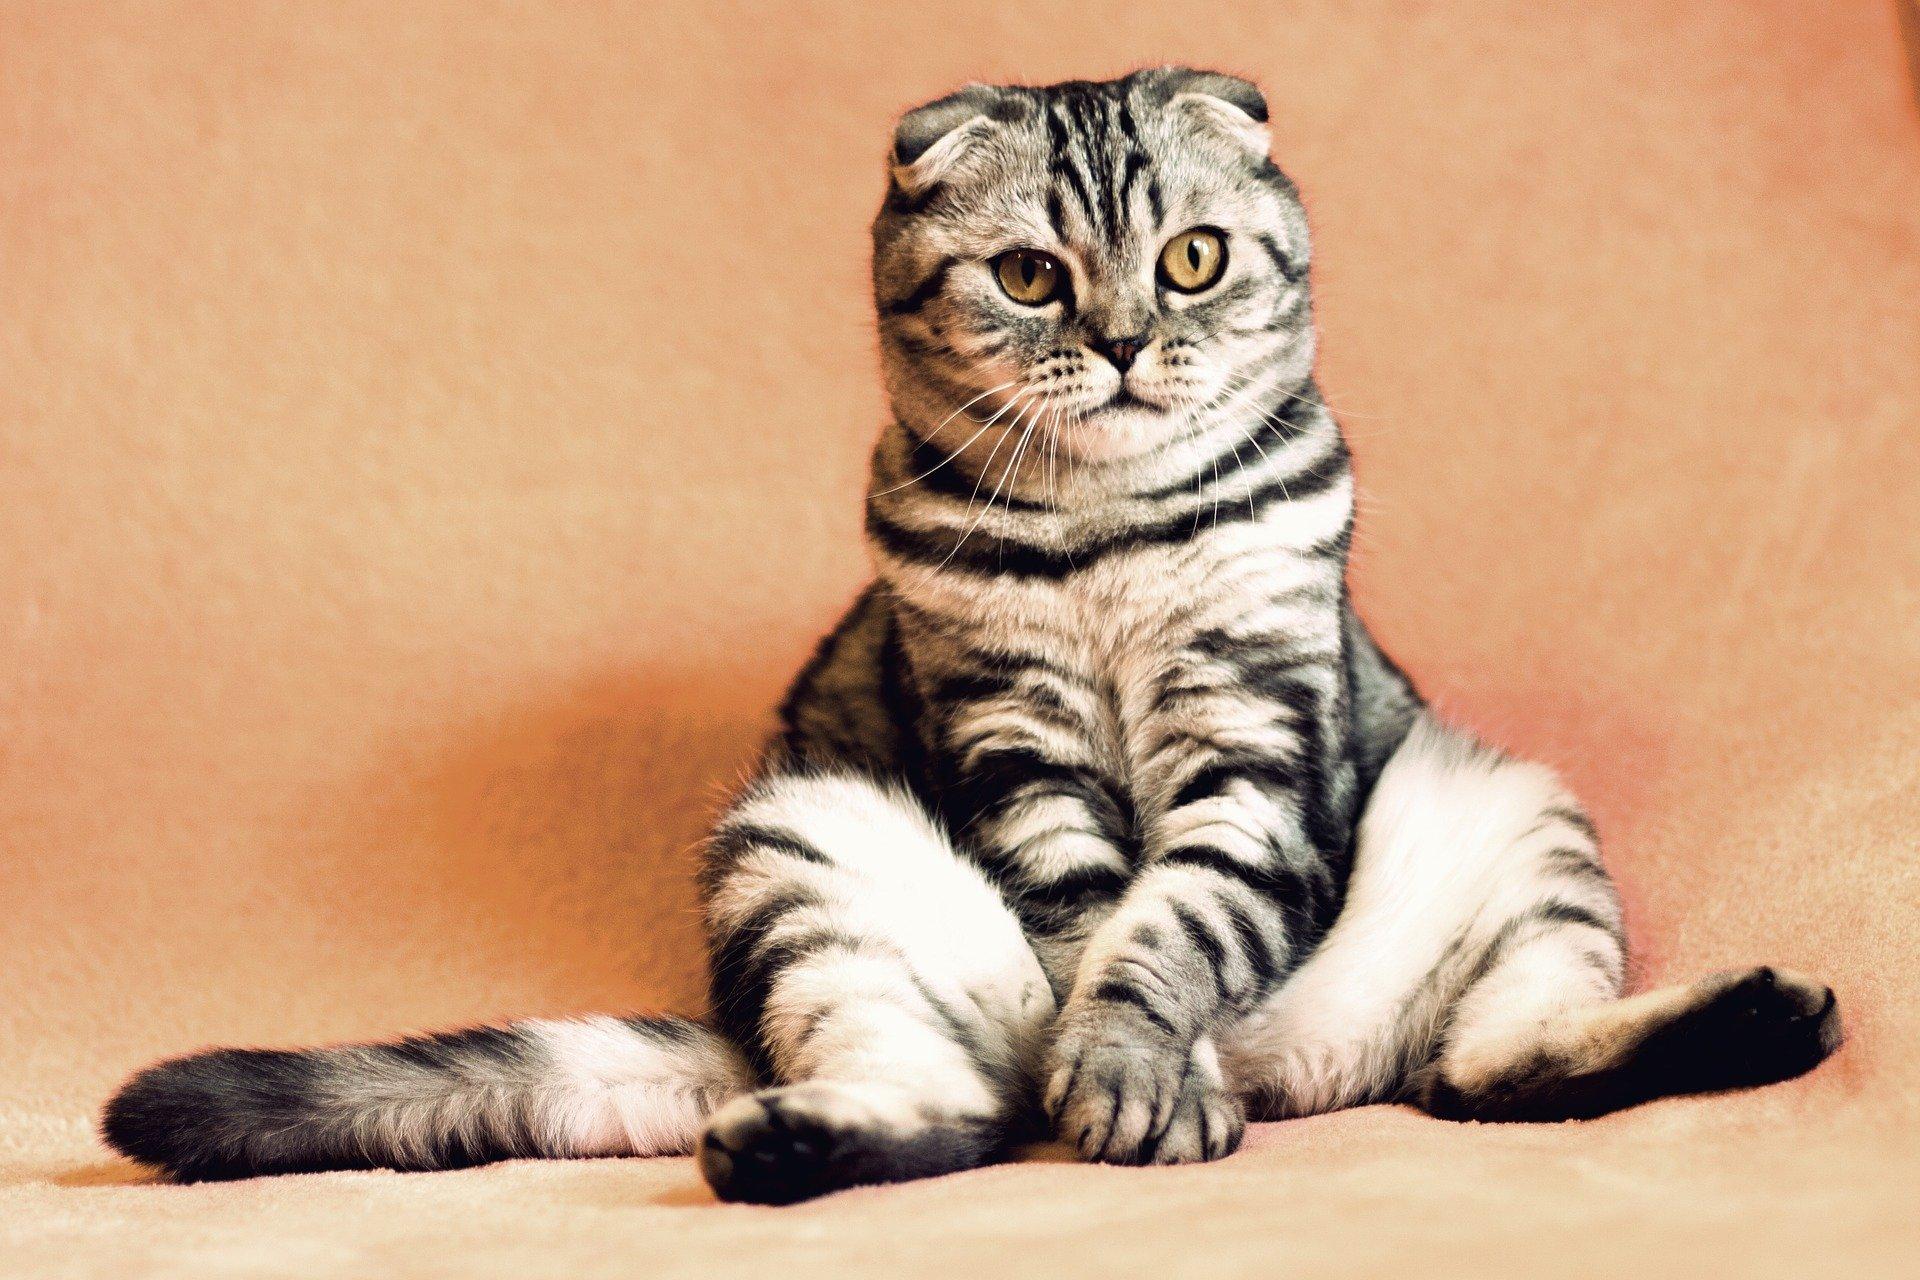 oggetti utili da acquistare se si ha un gatto